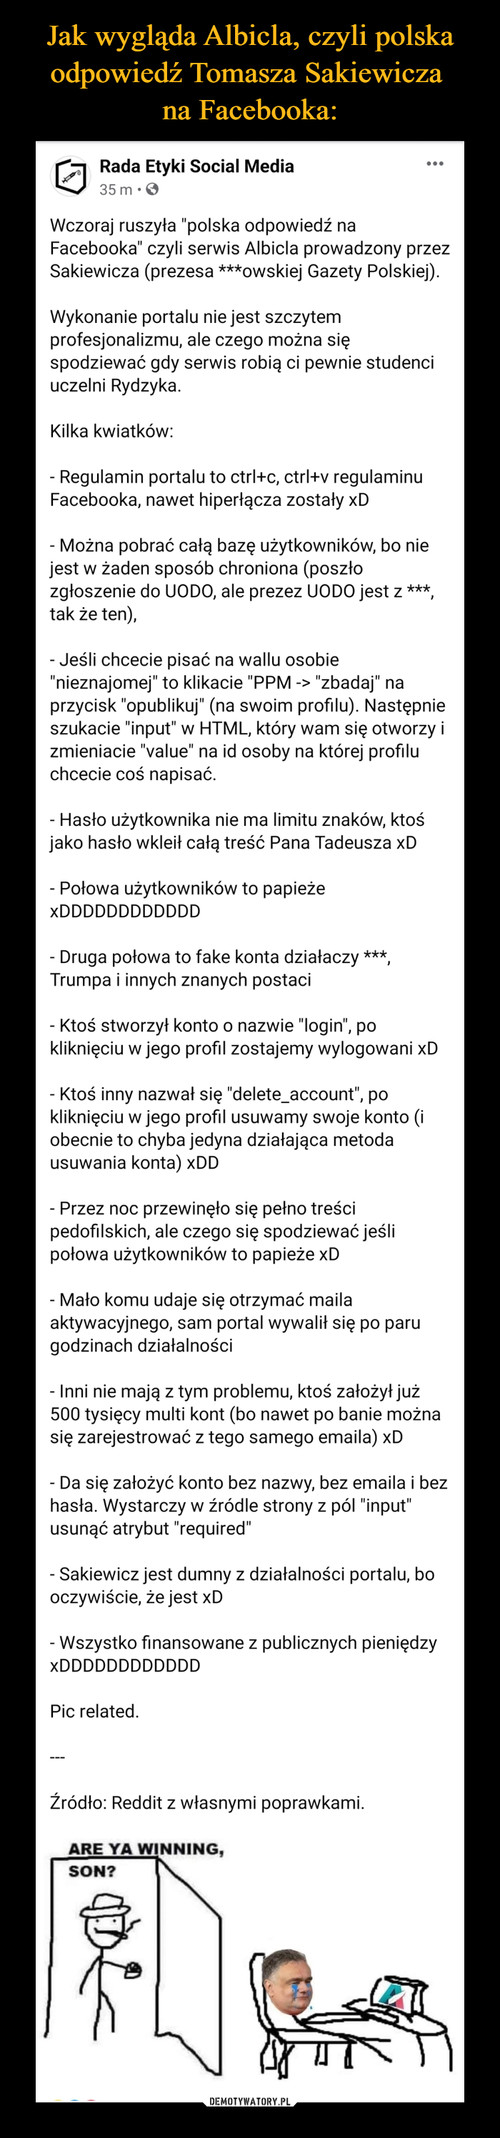 Jak wygląda Albicla, czyli polska odpowiedź Tomasza Sakiewicza  na Facebooka: